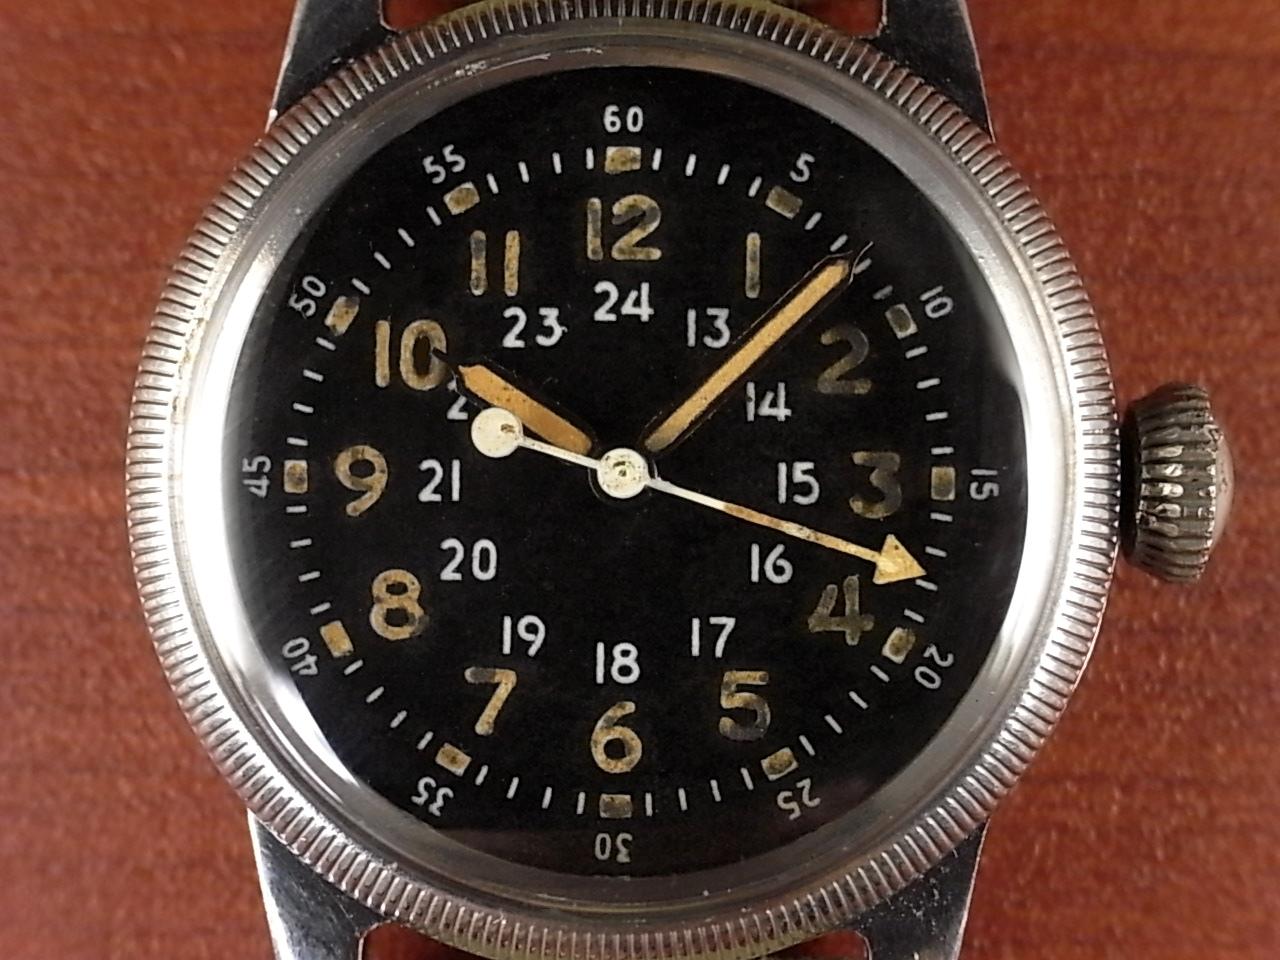 ウォルサム 軍用時計 米軍 タイプA-17 1950年代の写真2枚目